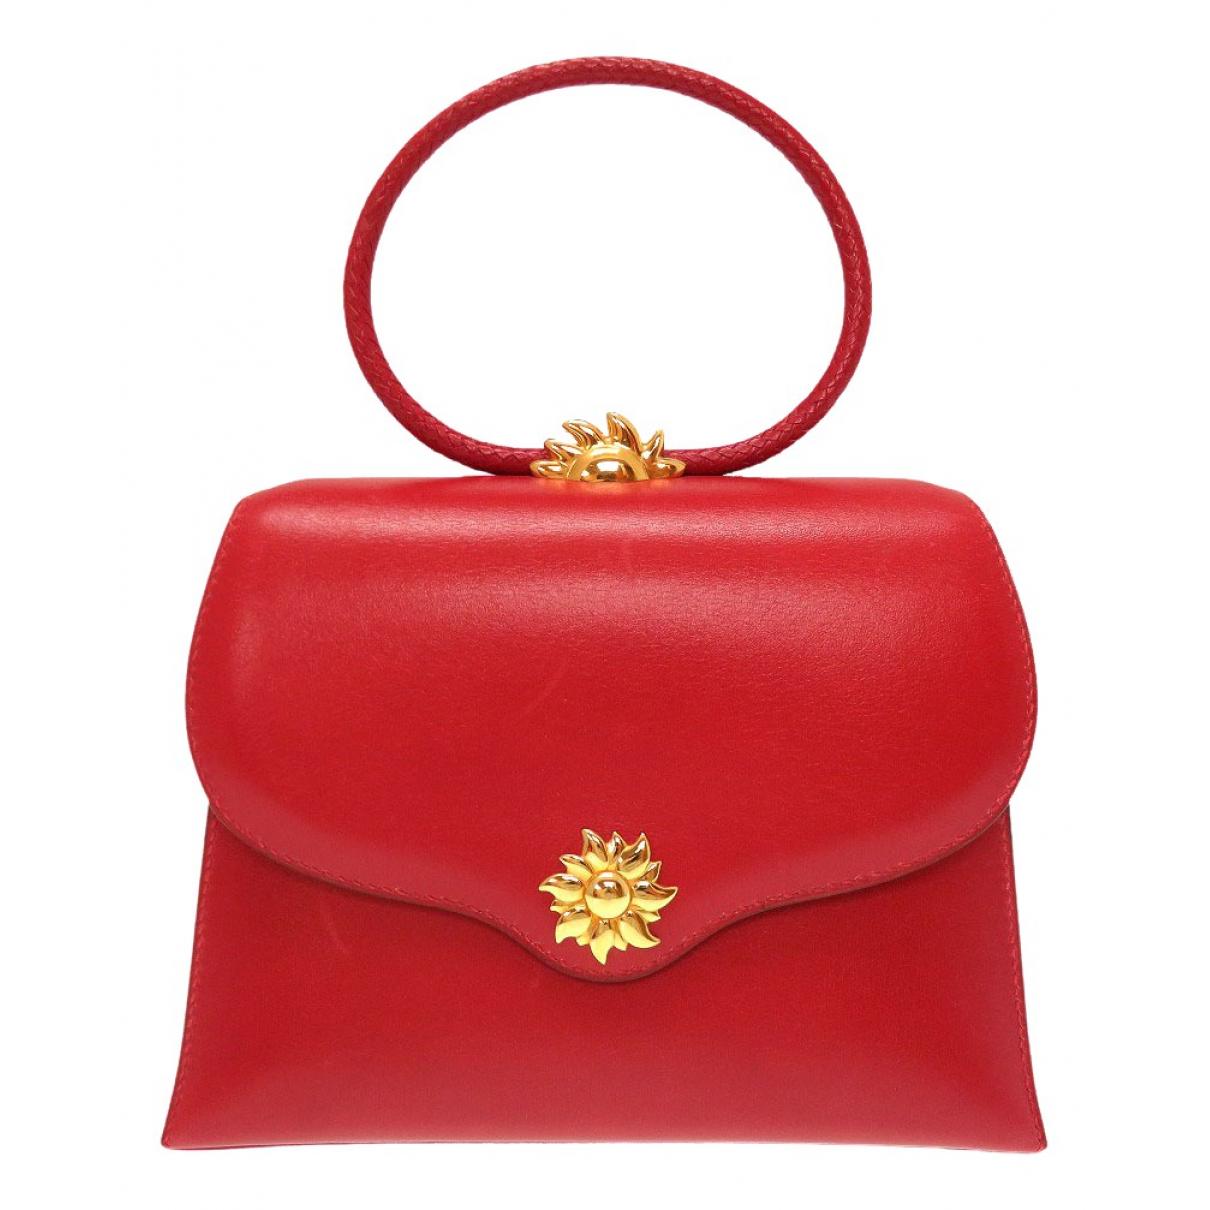 Hermes - Sac a main   pour femme en cuir - rouge